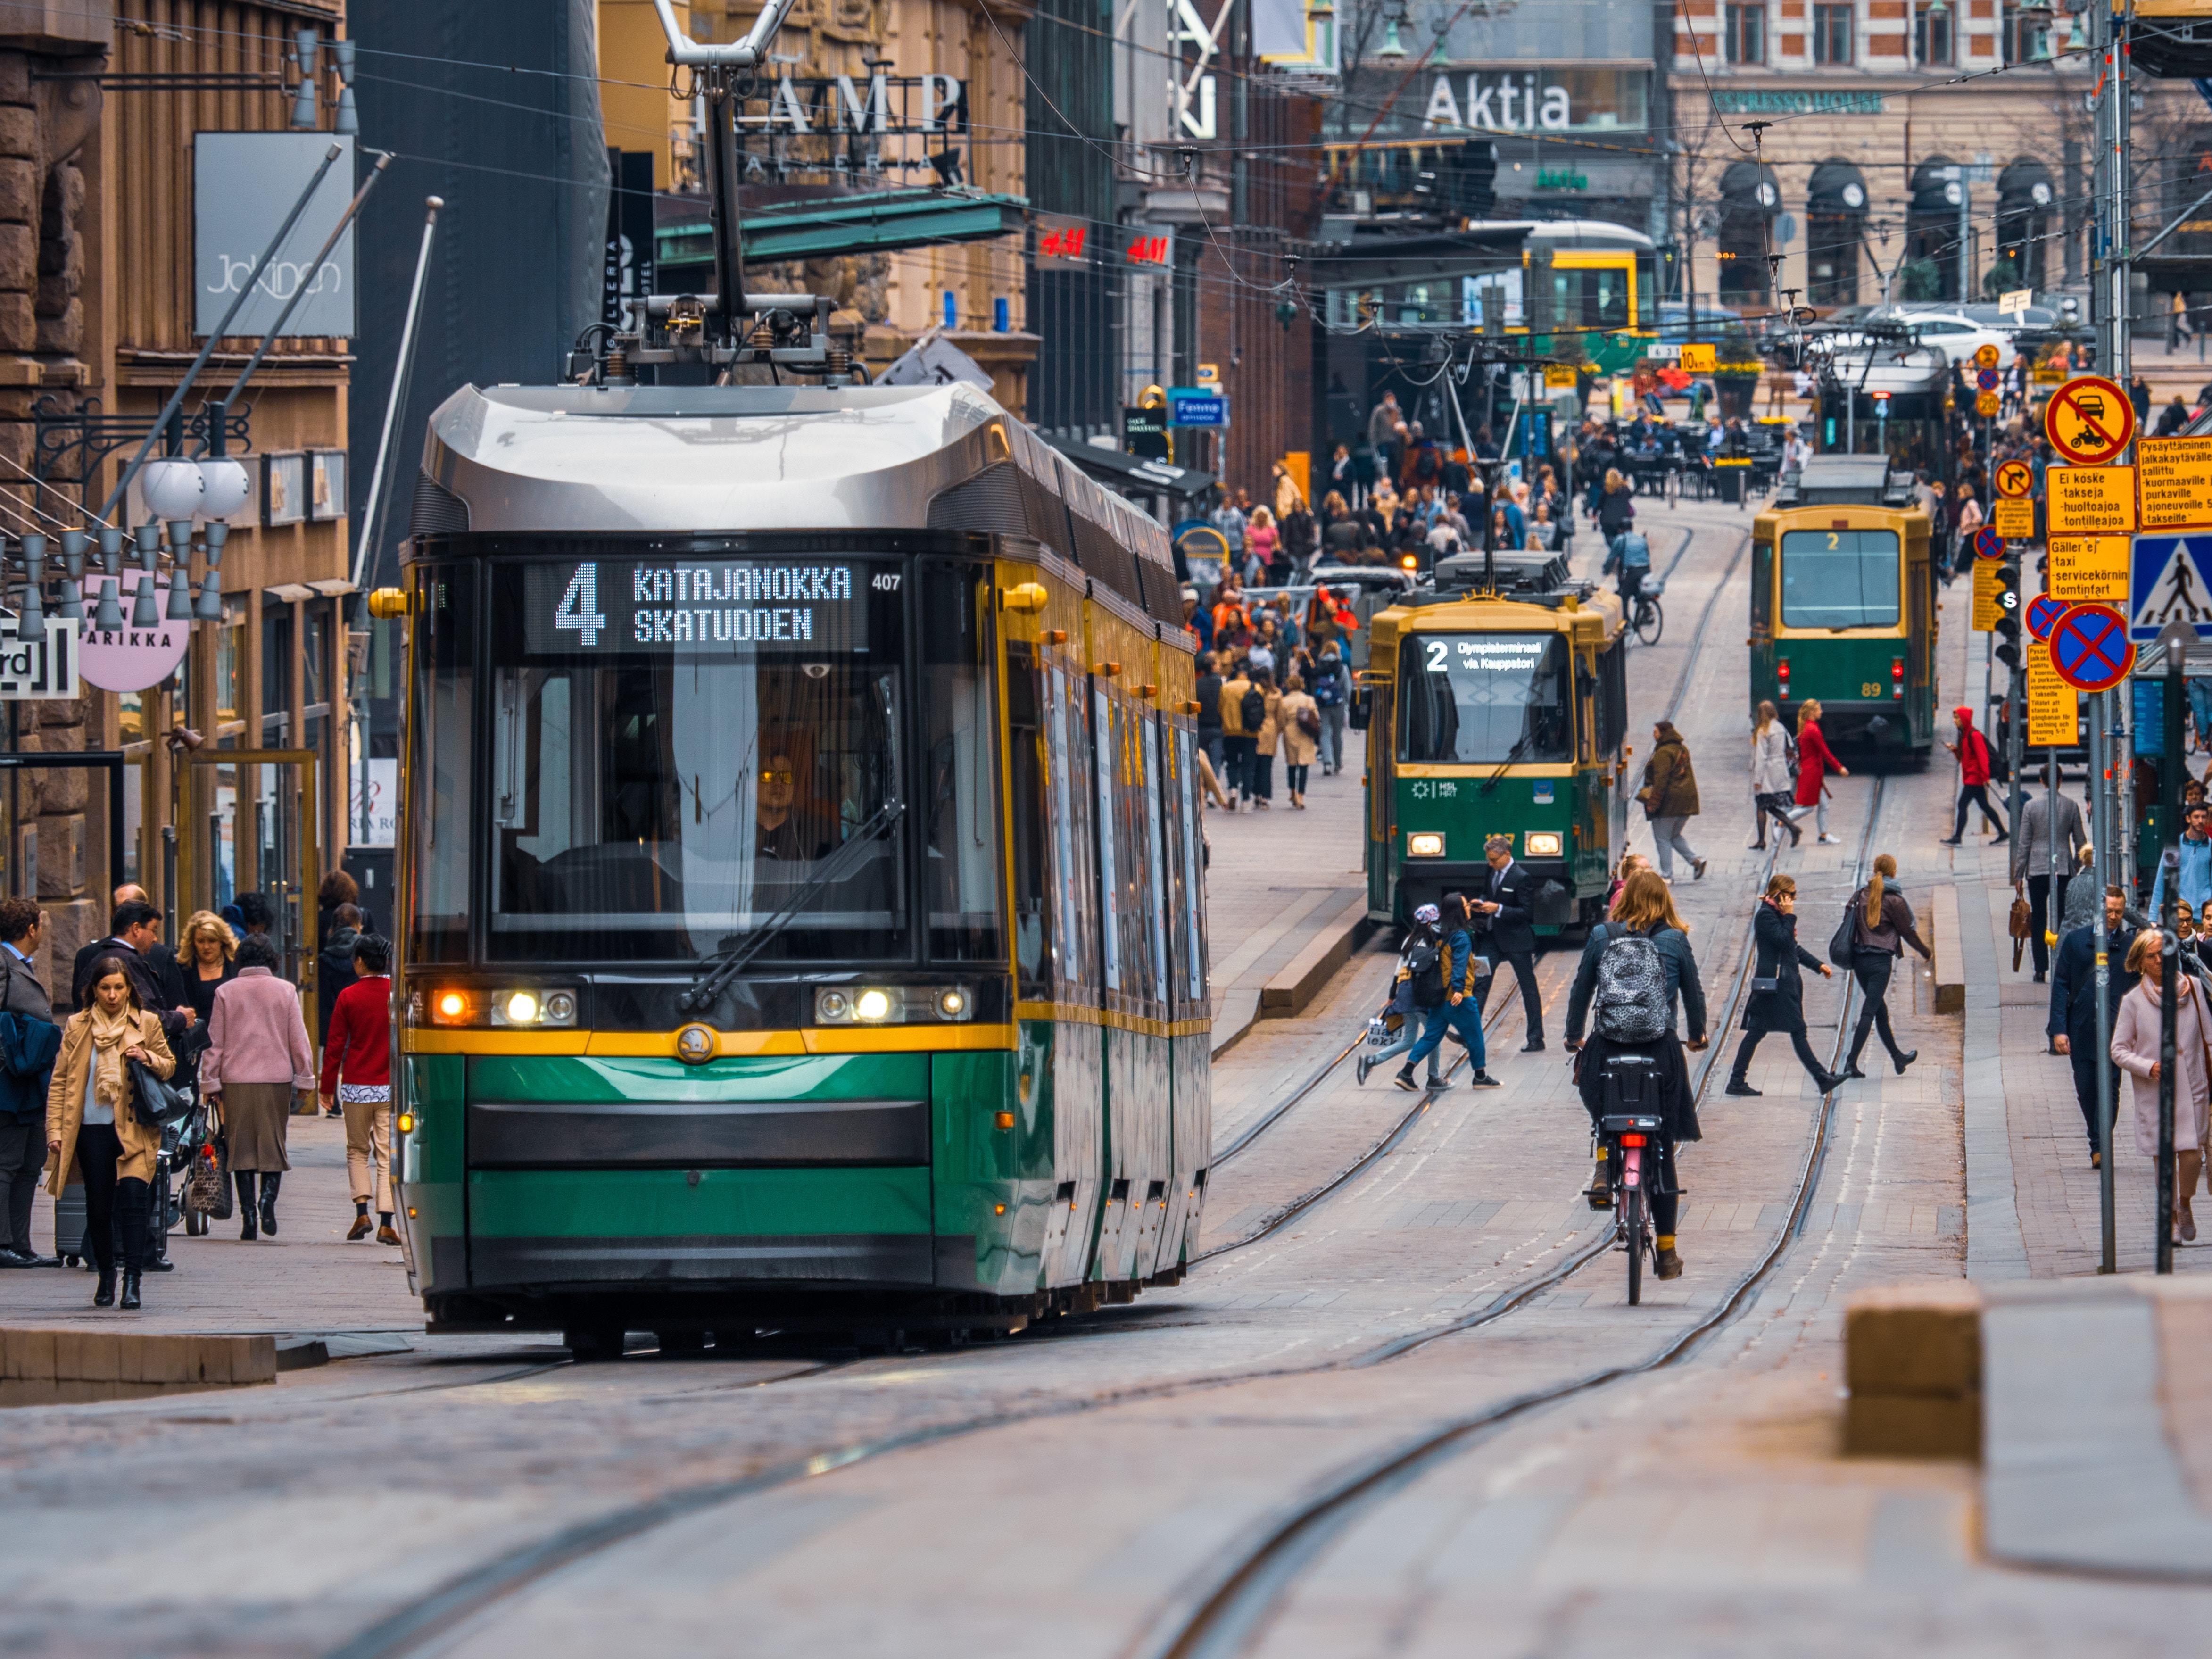 cloudDNA attend Citrix PTEC EMEA in Helsinki